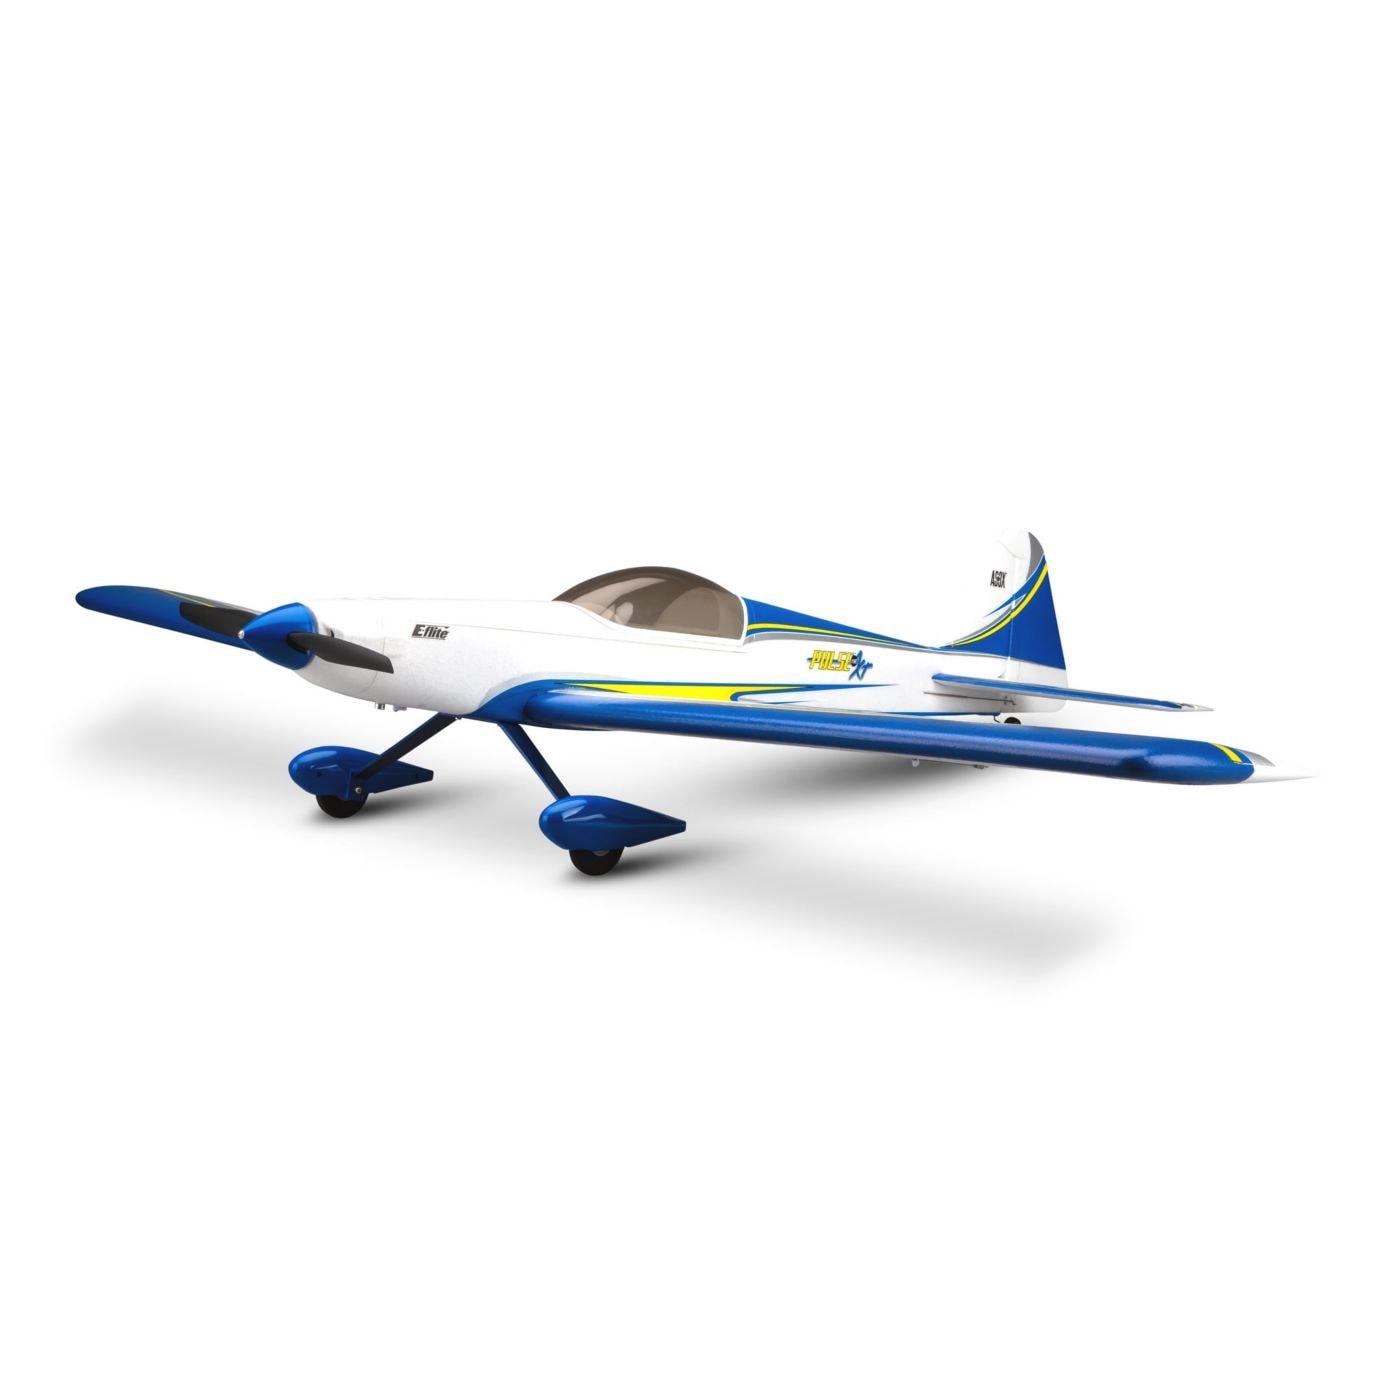 E-flite Радиоуправляемый Самолет - Pulse 15e BNF Basic